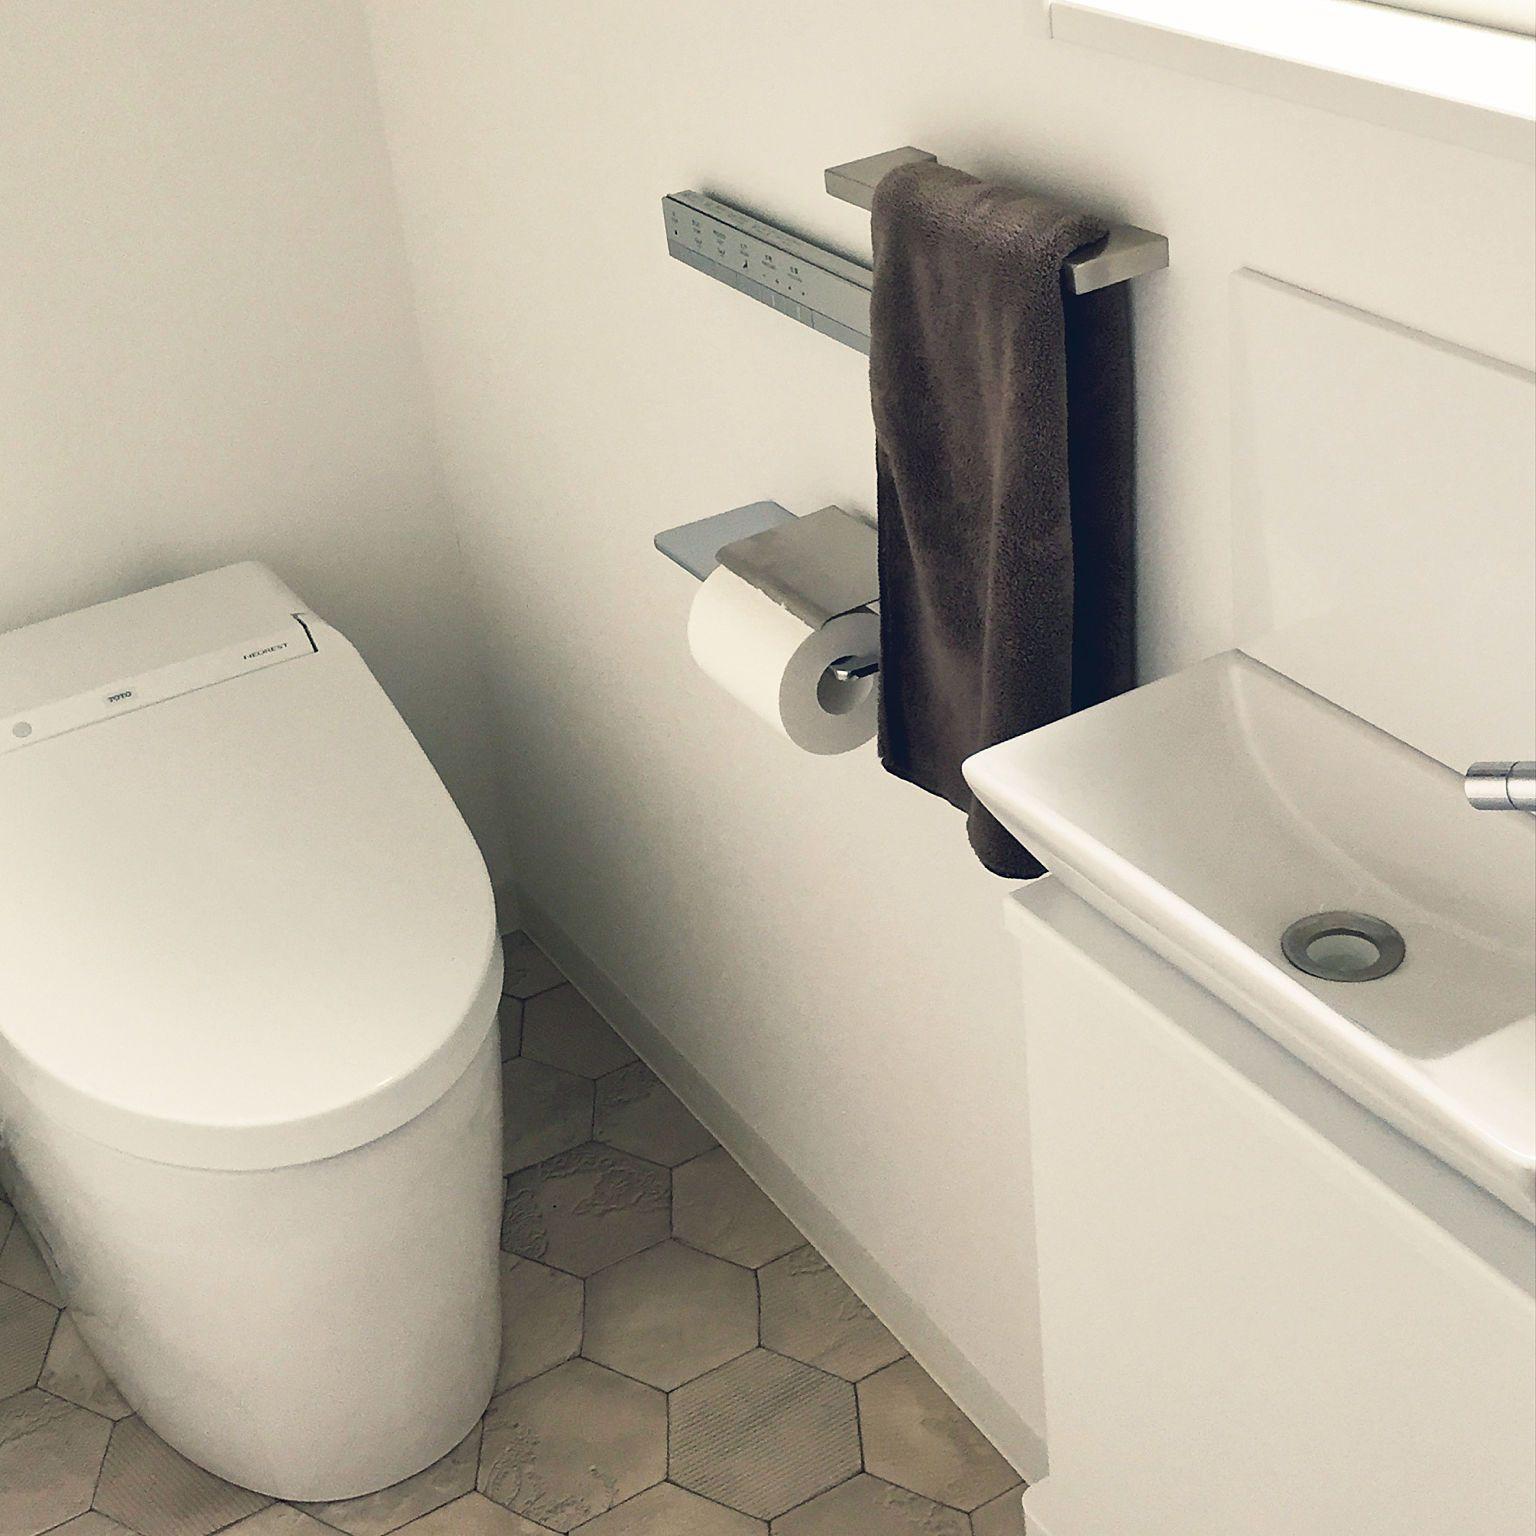 バス トイレ Totoトイレ スティックリモコン カワジュン 手洗い器